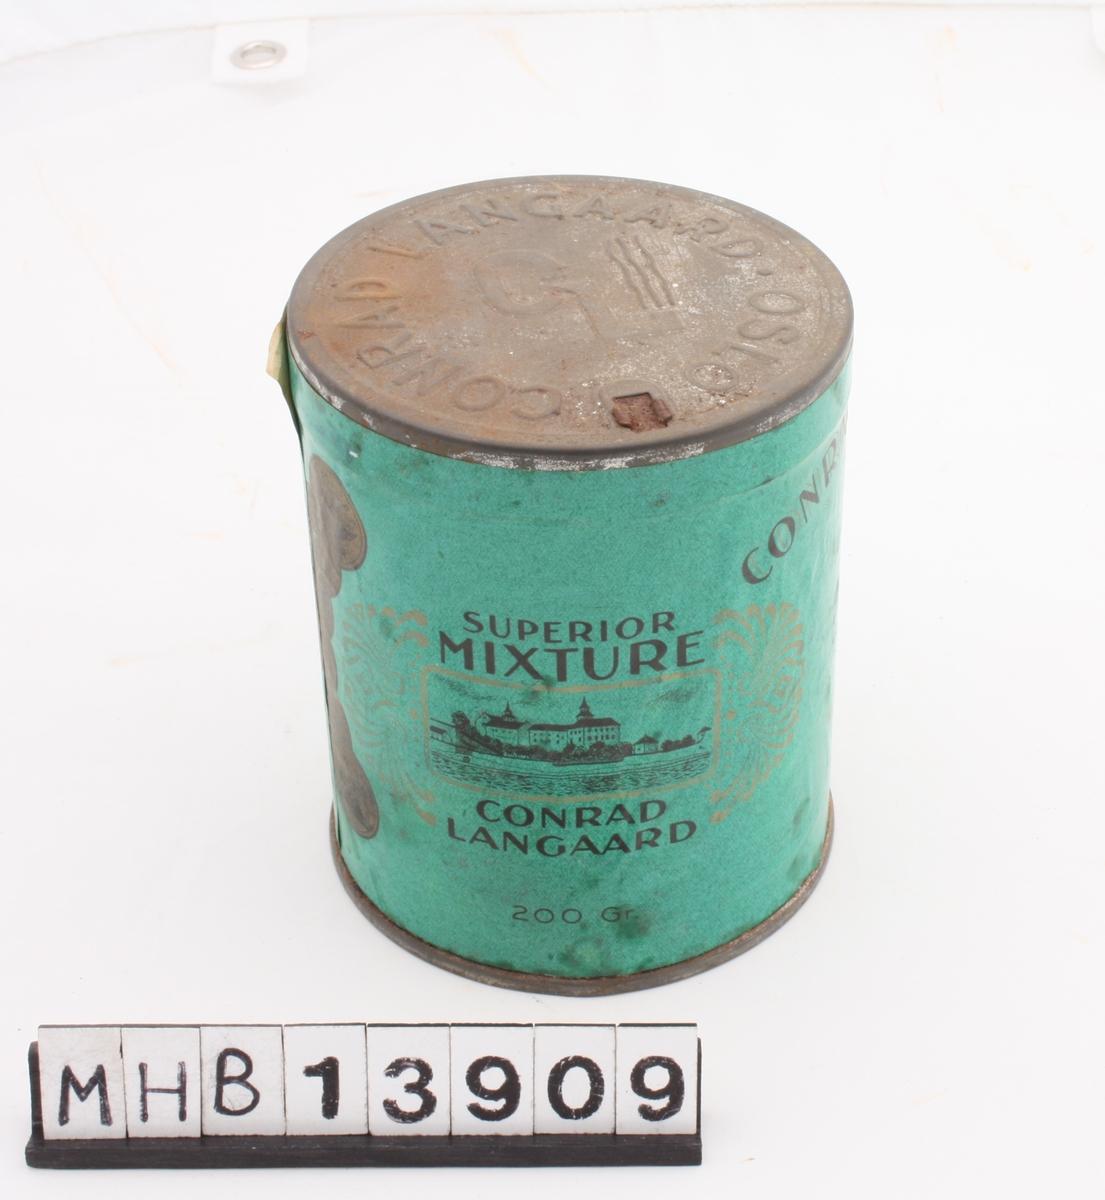 Sylinderformet tobakksboks av metall, med metallokk og papiretikette som i helhet dekker boksens stående sider.